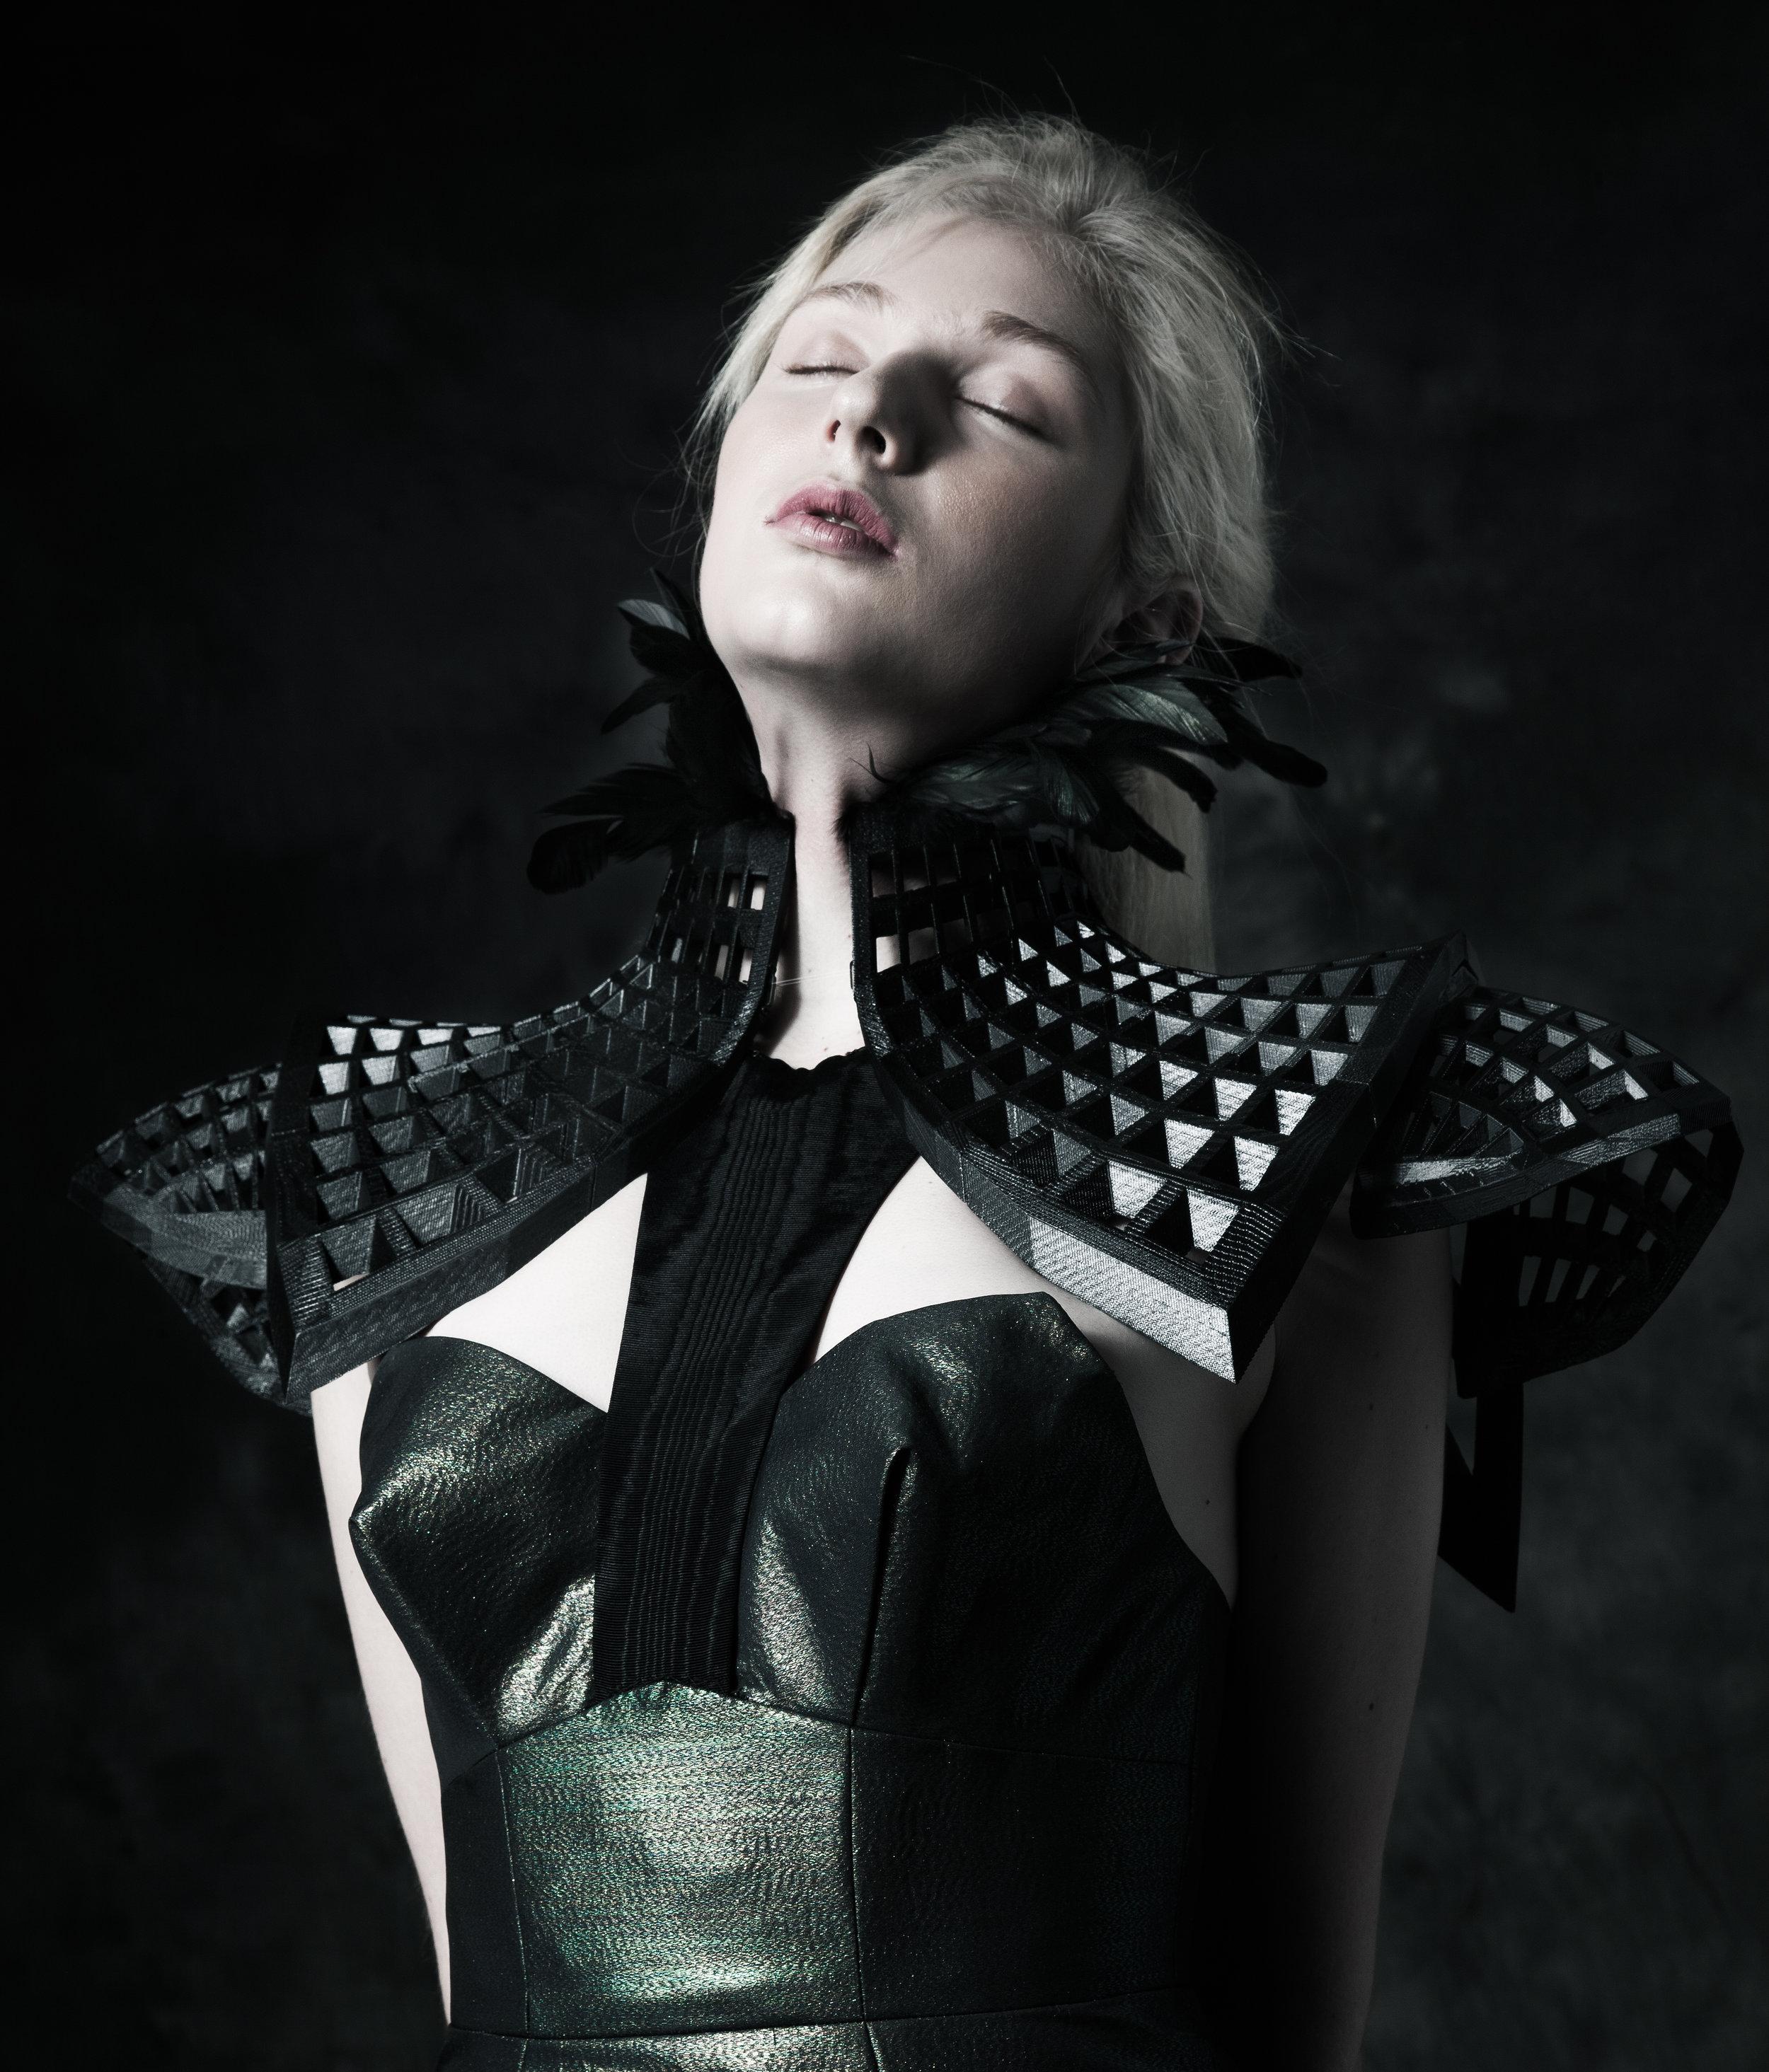 Entity Dress editorial 1.jpg